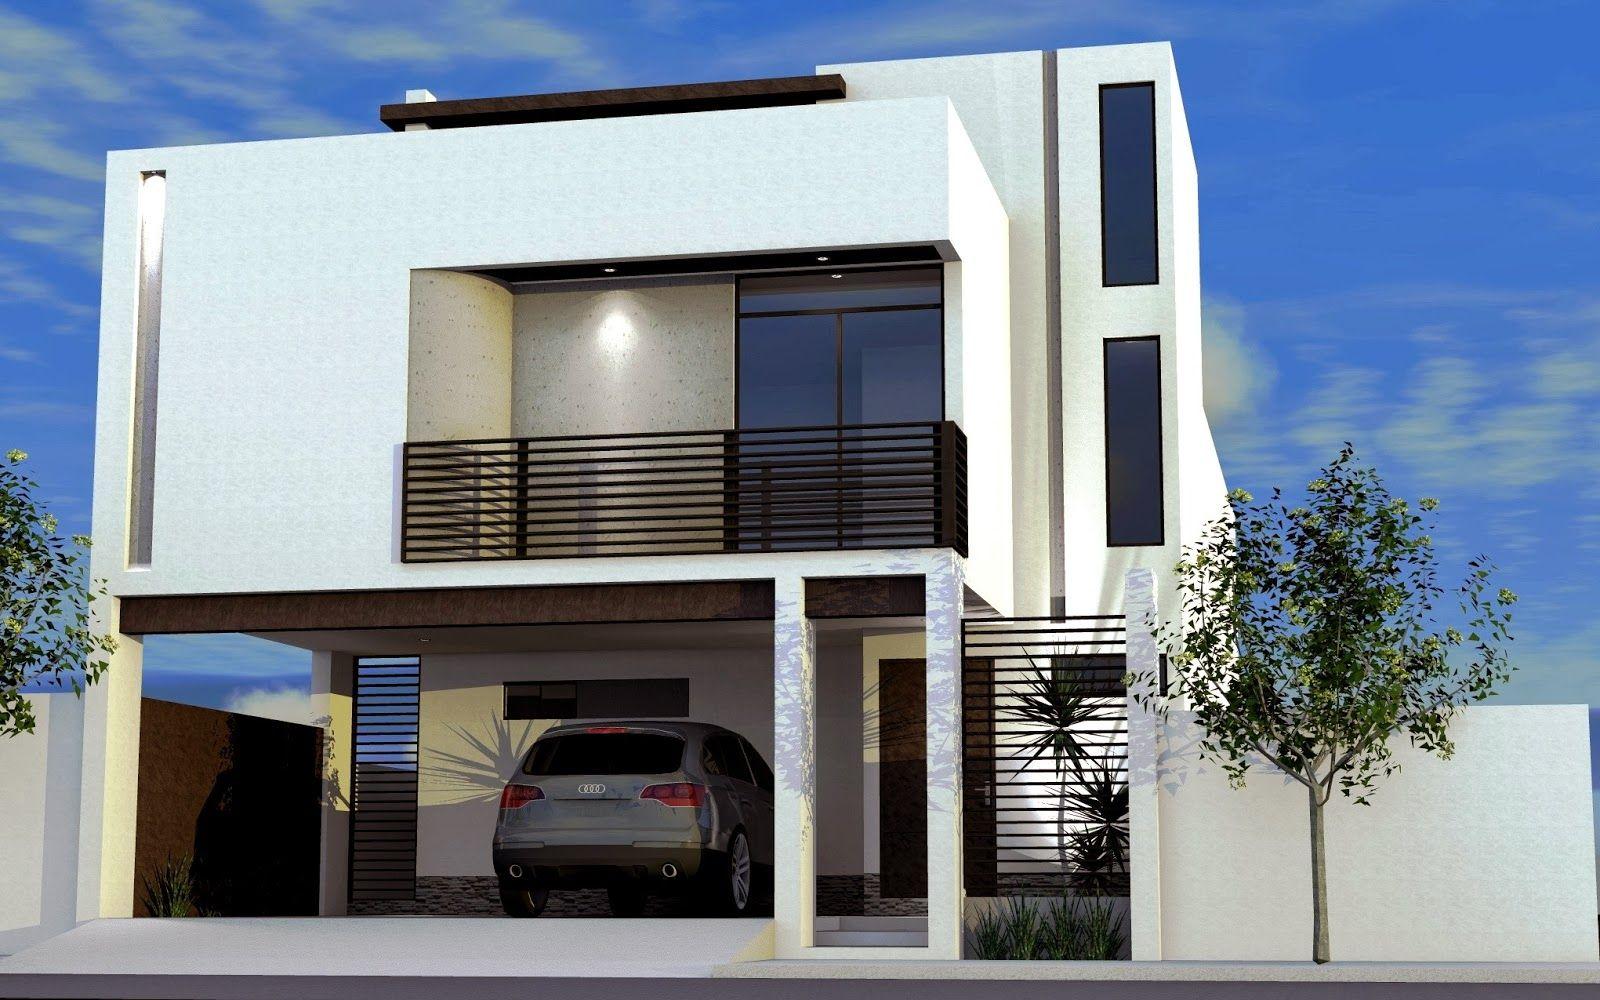 Fachadas de casas modernas 12 metros de frente fachadas for Modelo de fachadas para casas modernas